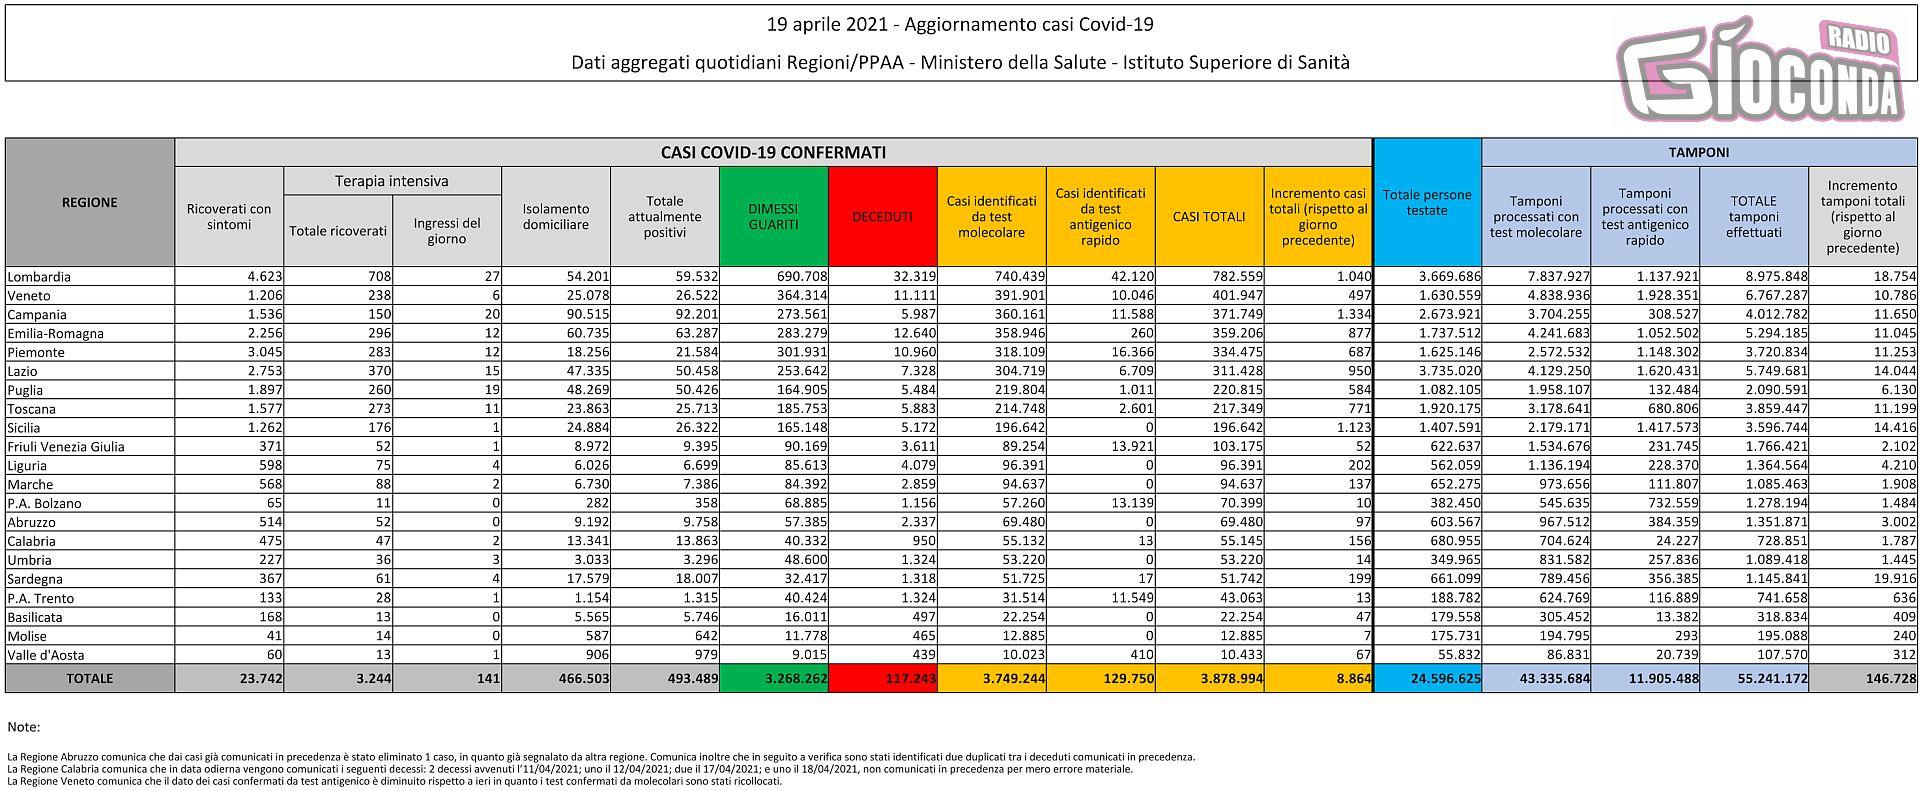 19 aprile 2021 - Aggiornamento casi Covid-19 Dati aggregati quotidiani Regioni/PPAA - Ministero della Salute - Istituto Superiore di Sanità